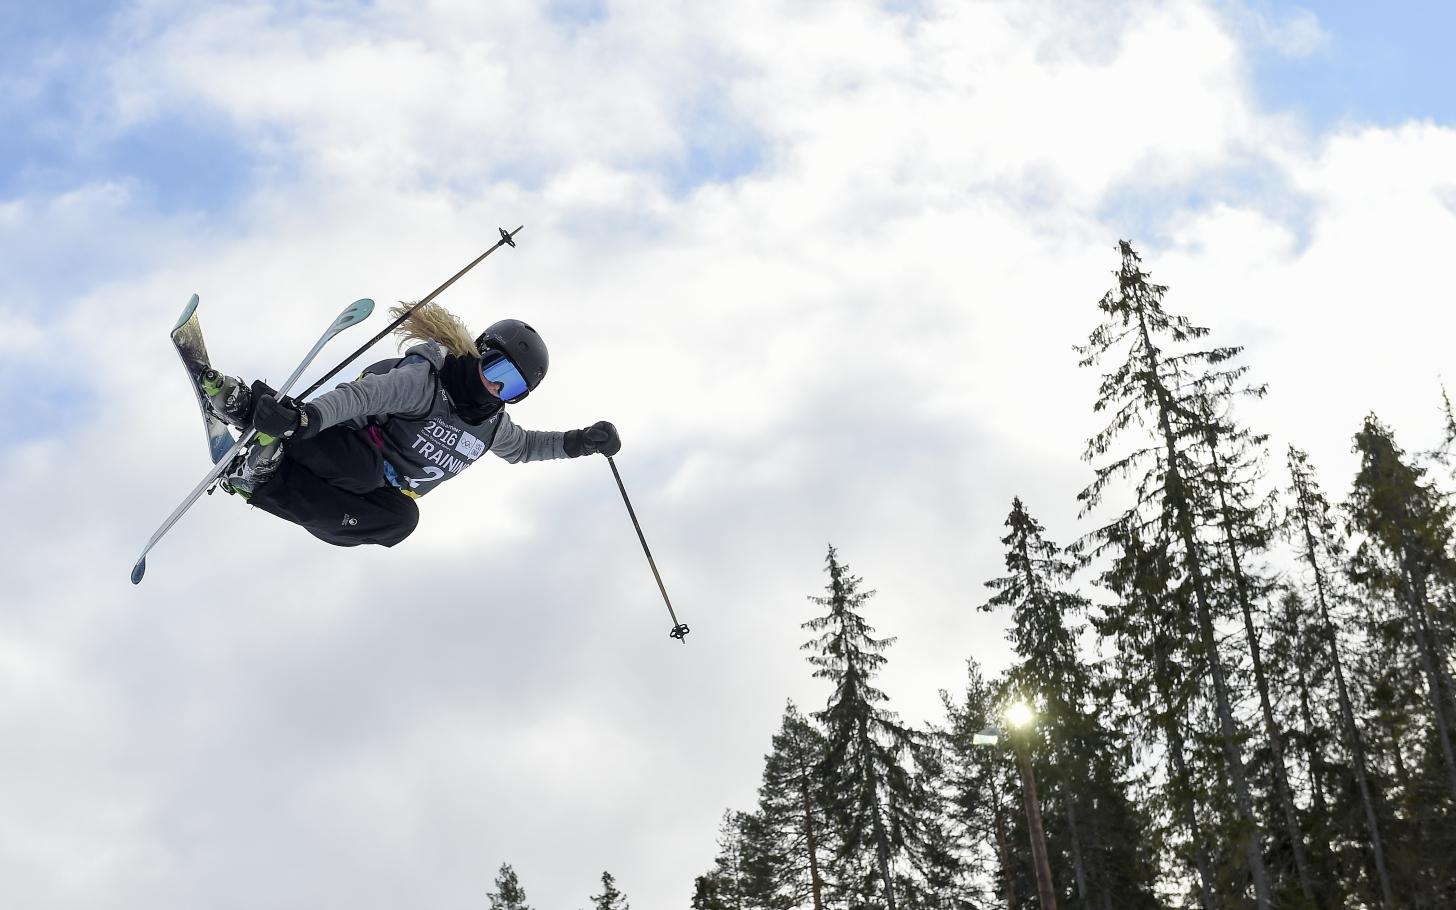 ユースオリンピック2020スキーフリースタイル結果速報・日程選手